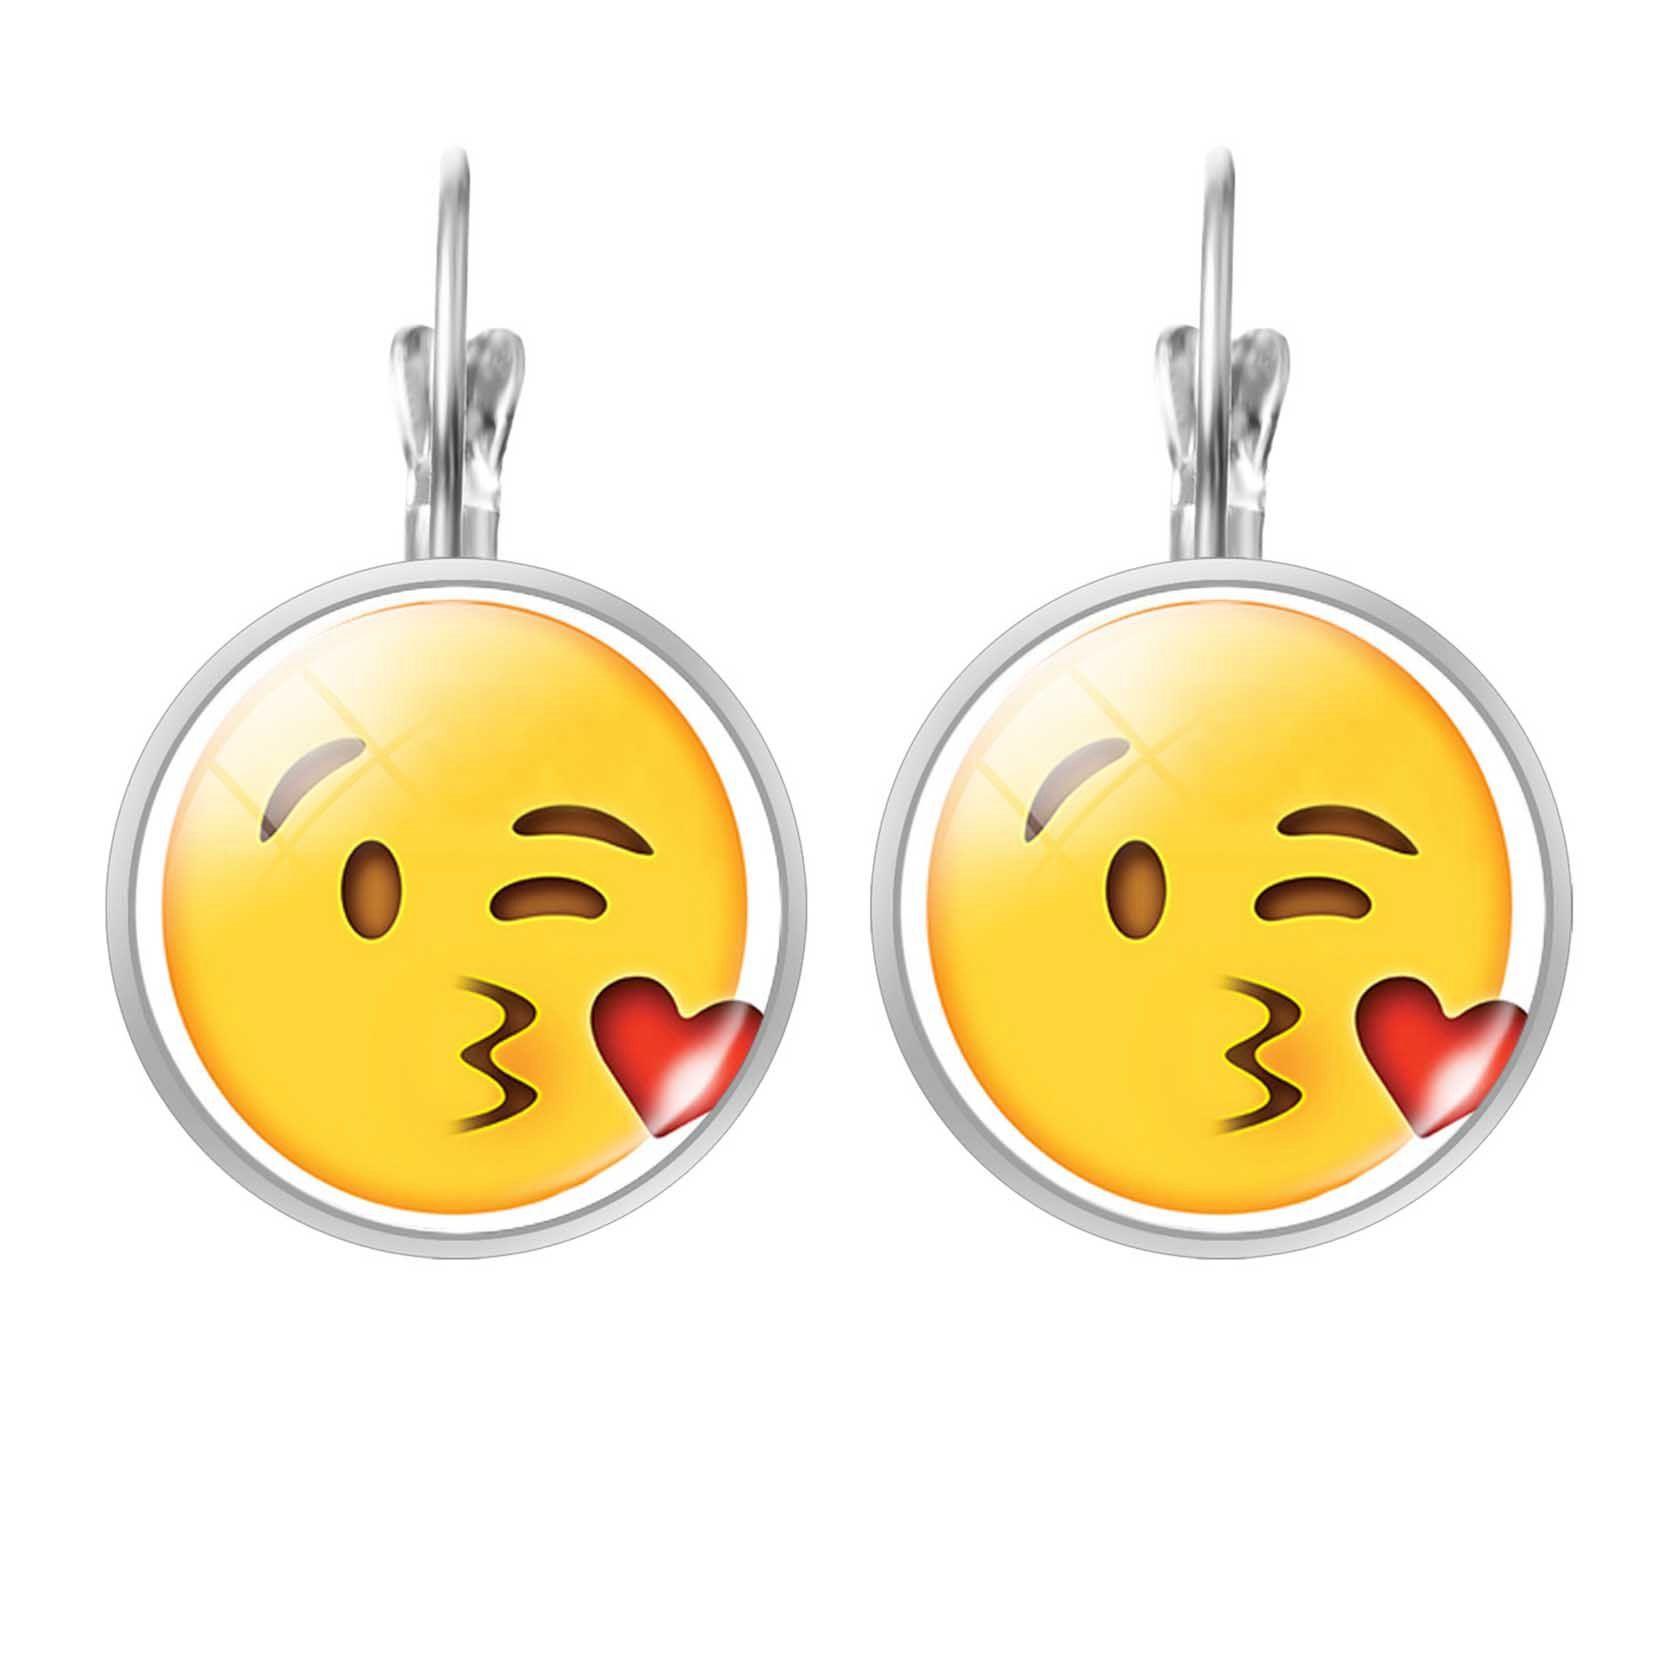 LIEBE ENGEL Sevimli Takı Saplama Küpe Emoji Resim İfadeler Cam Cabochon Küpe Kadınlar Için Gümüş Renk Aksesuarları Moda